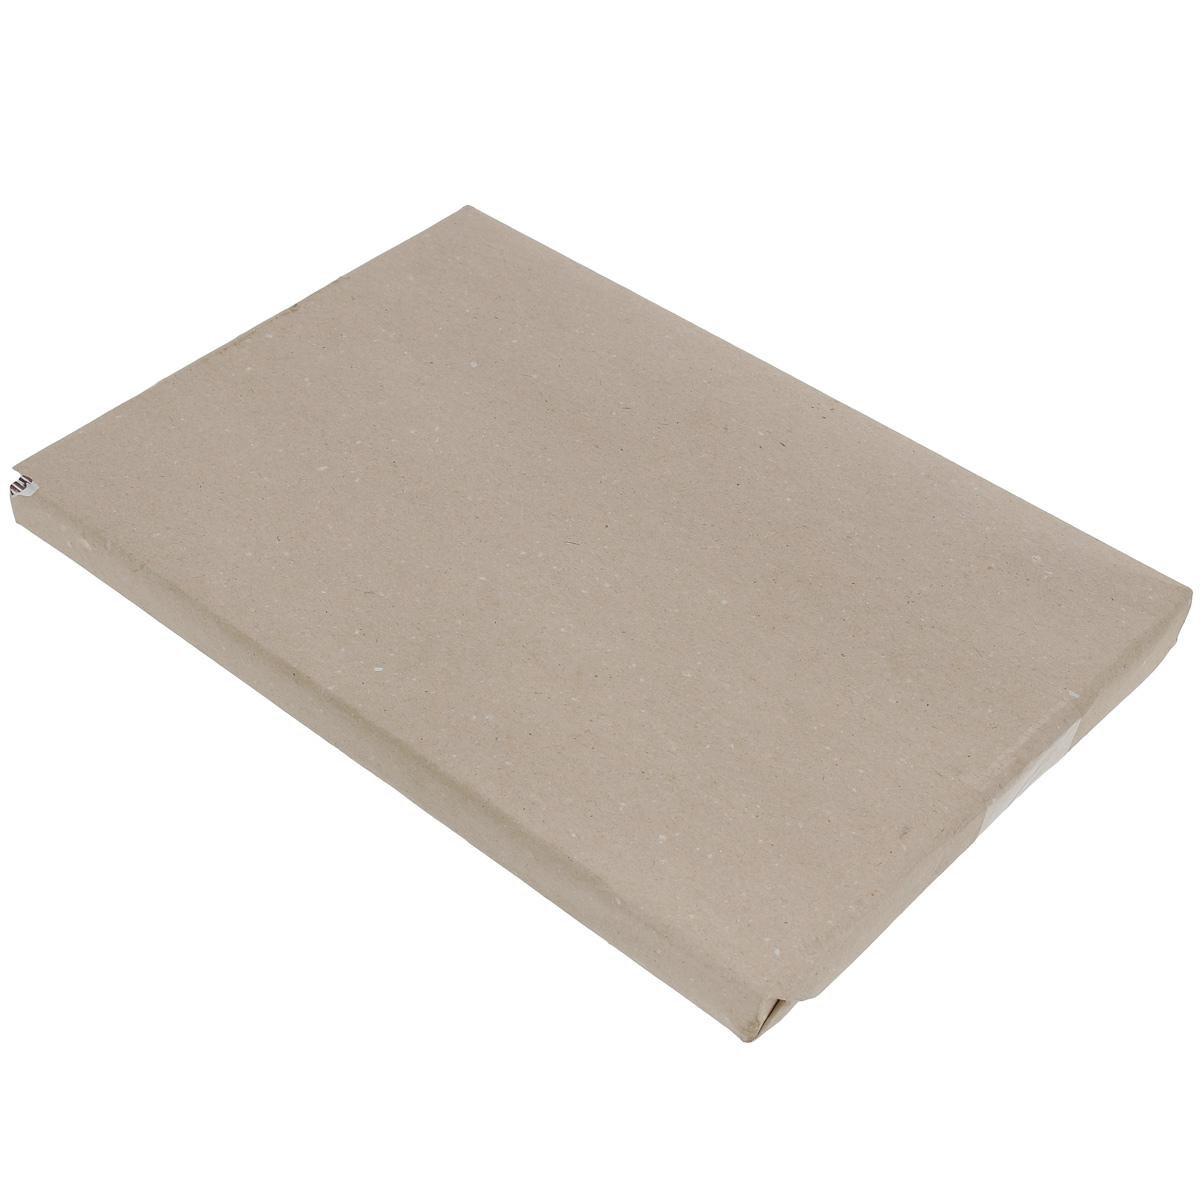 Бумага для черчения  Гознак , 100 листов, формат А4. БЧ-0552 -  Бумага и картон